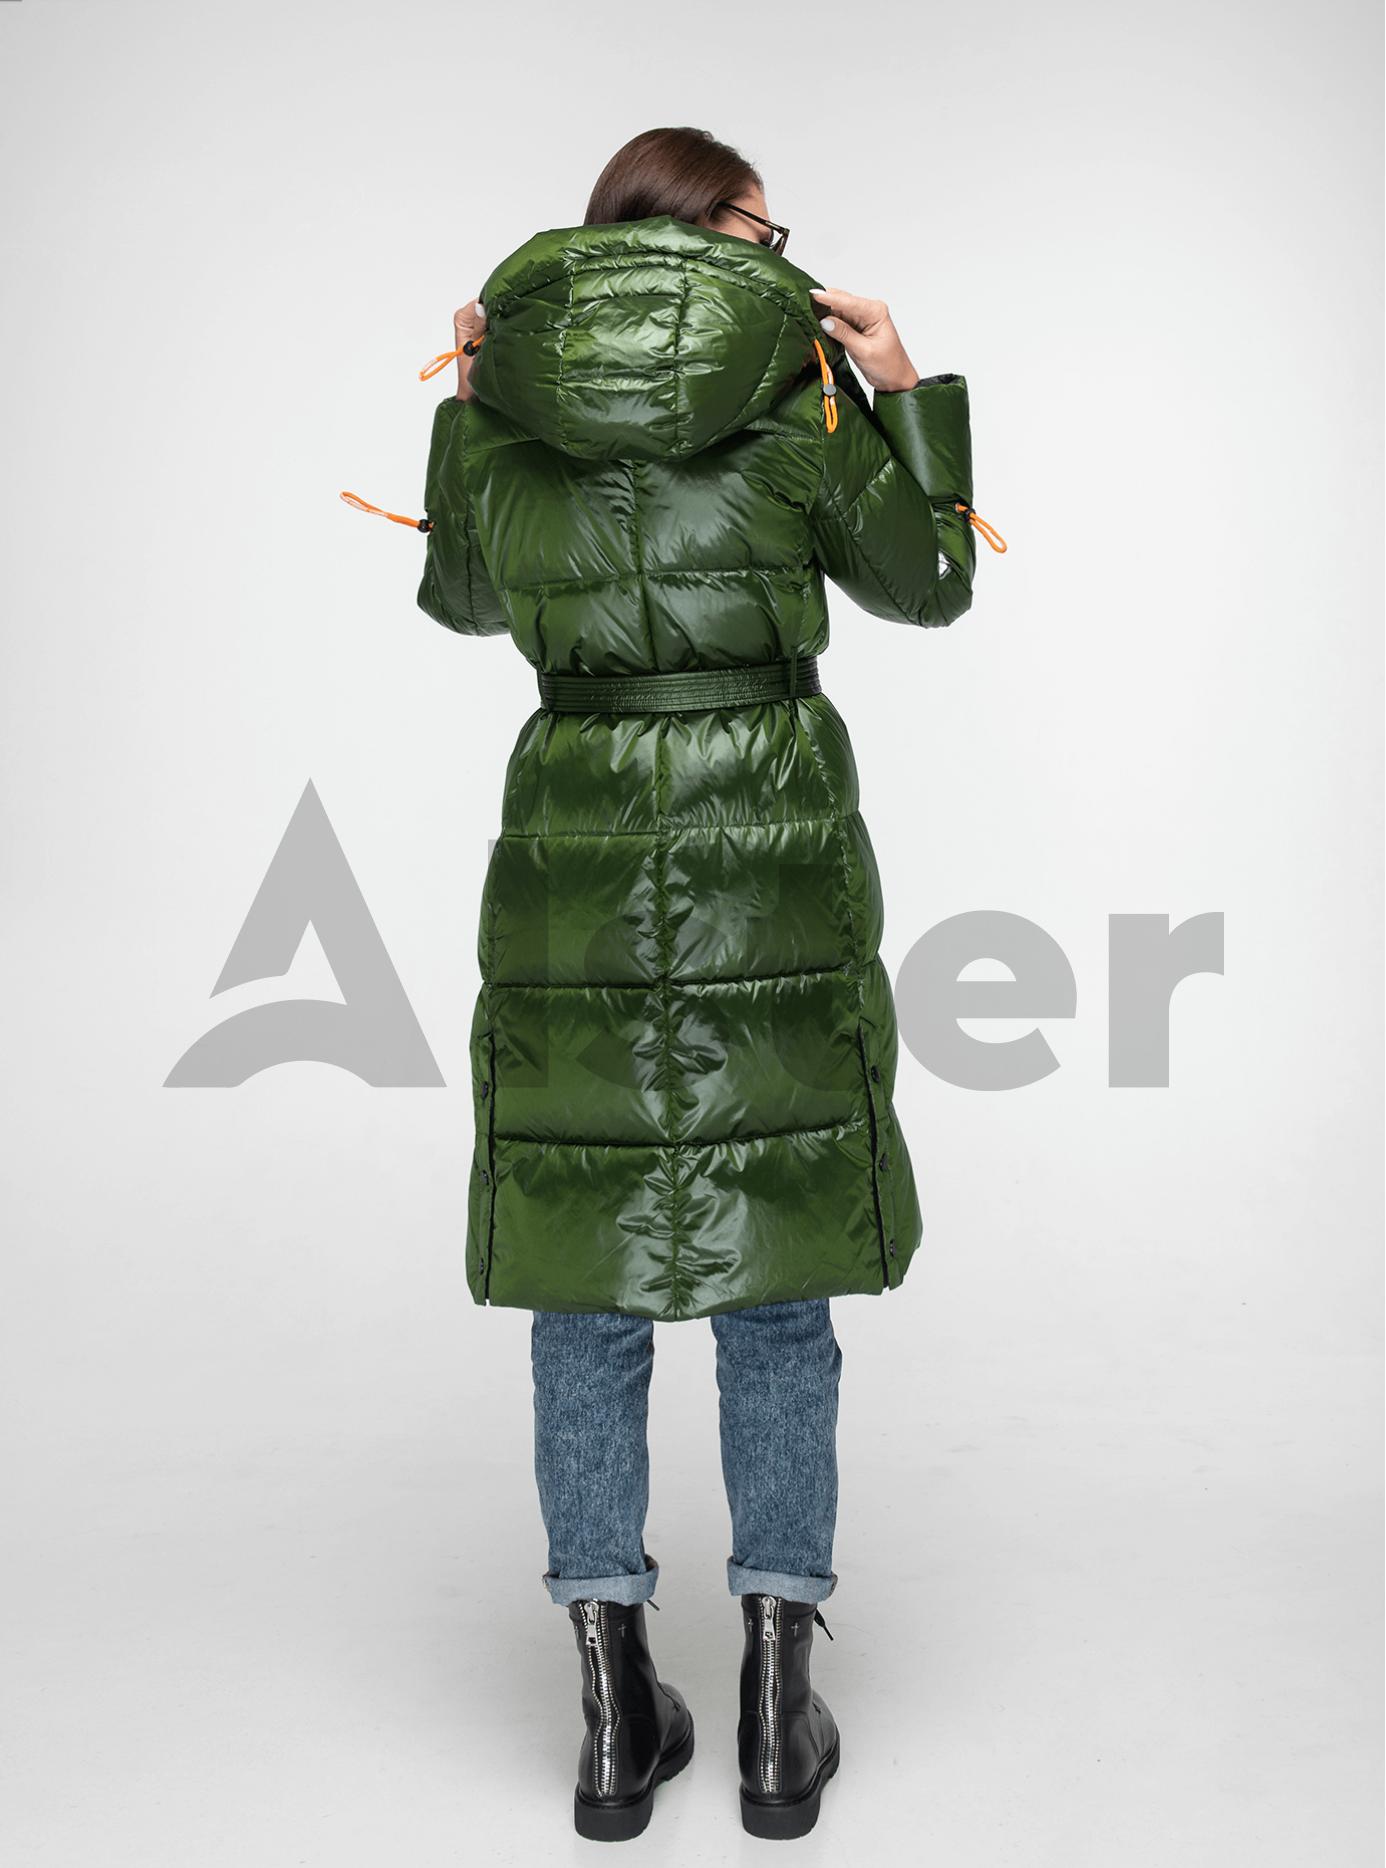 Пуховик женский длинный с поясом Зелёный L (02-Y191107): фото - Alster.ua